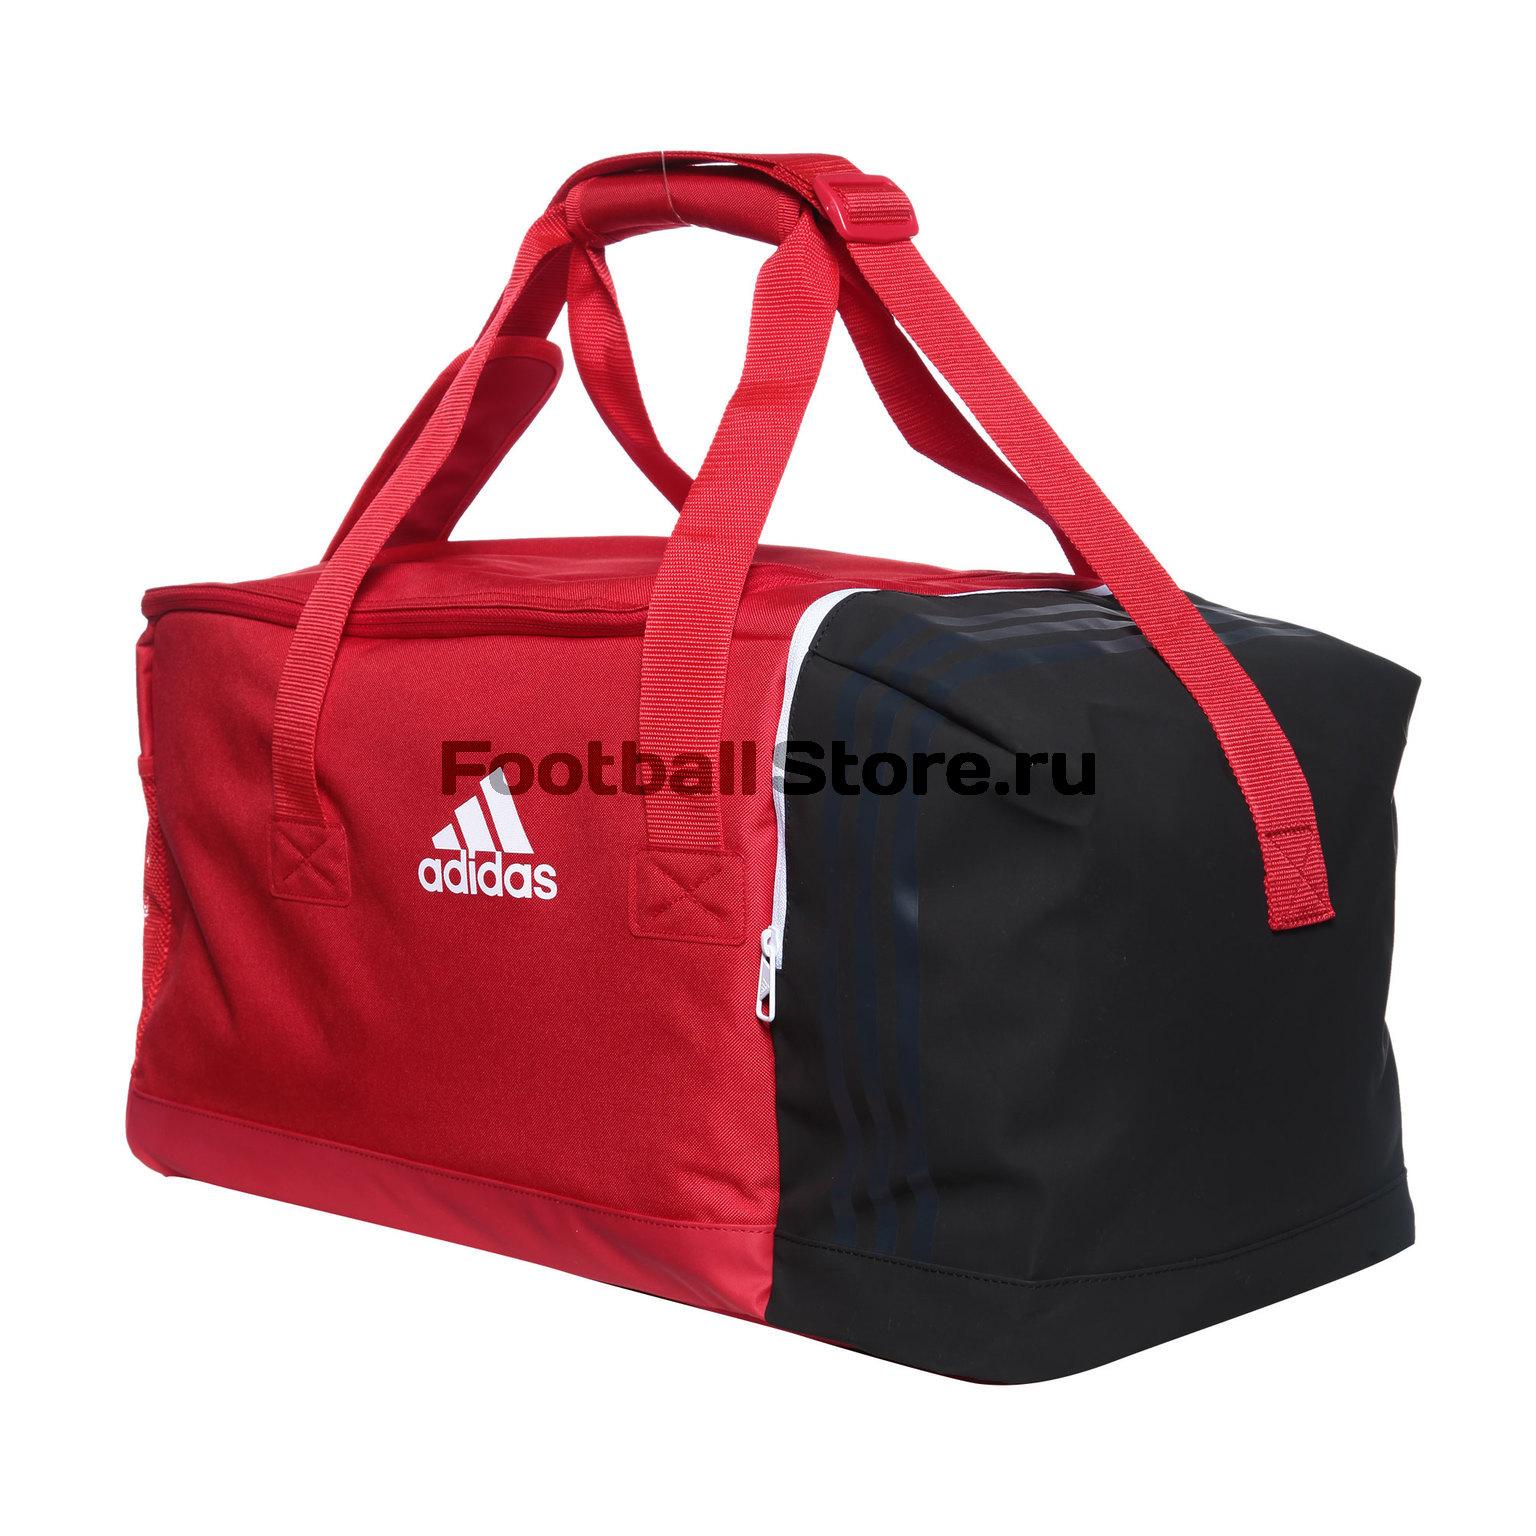 Сумка Adidas Tiro TB M BS4739 сумки adidas спортивная сумка cska tb m black